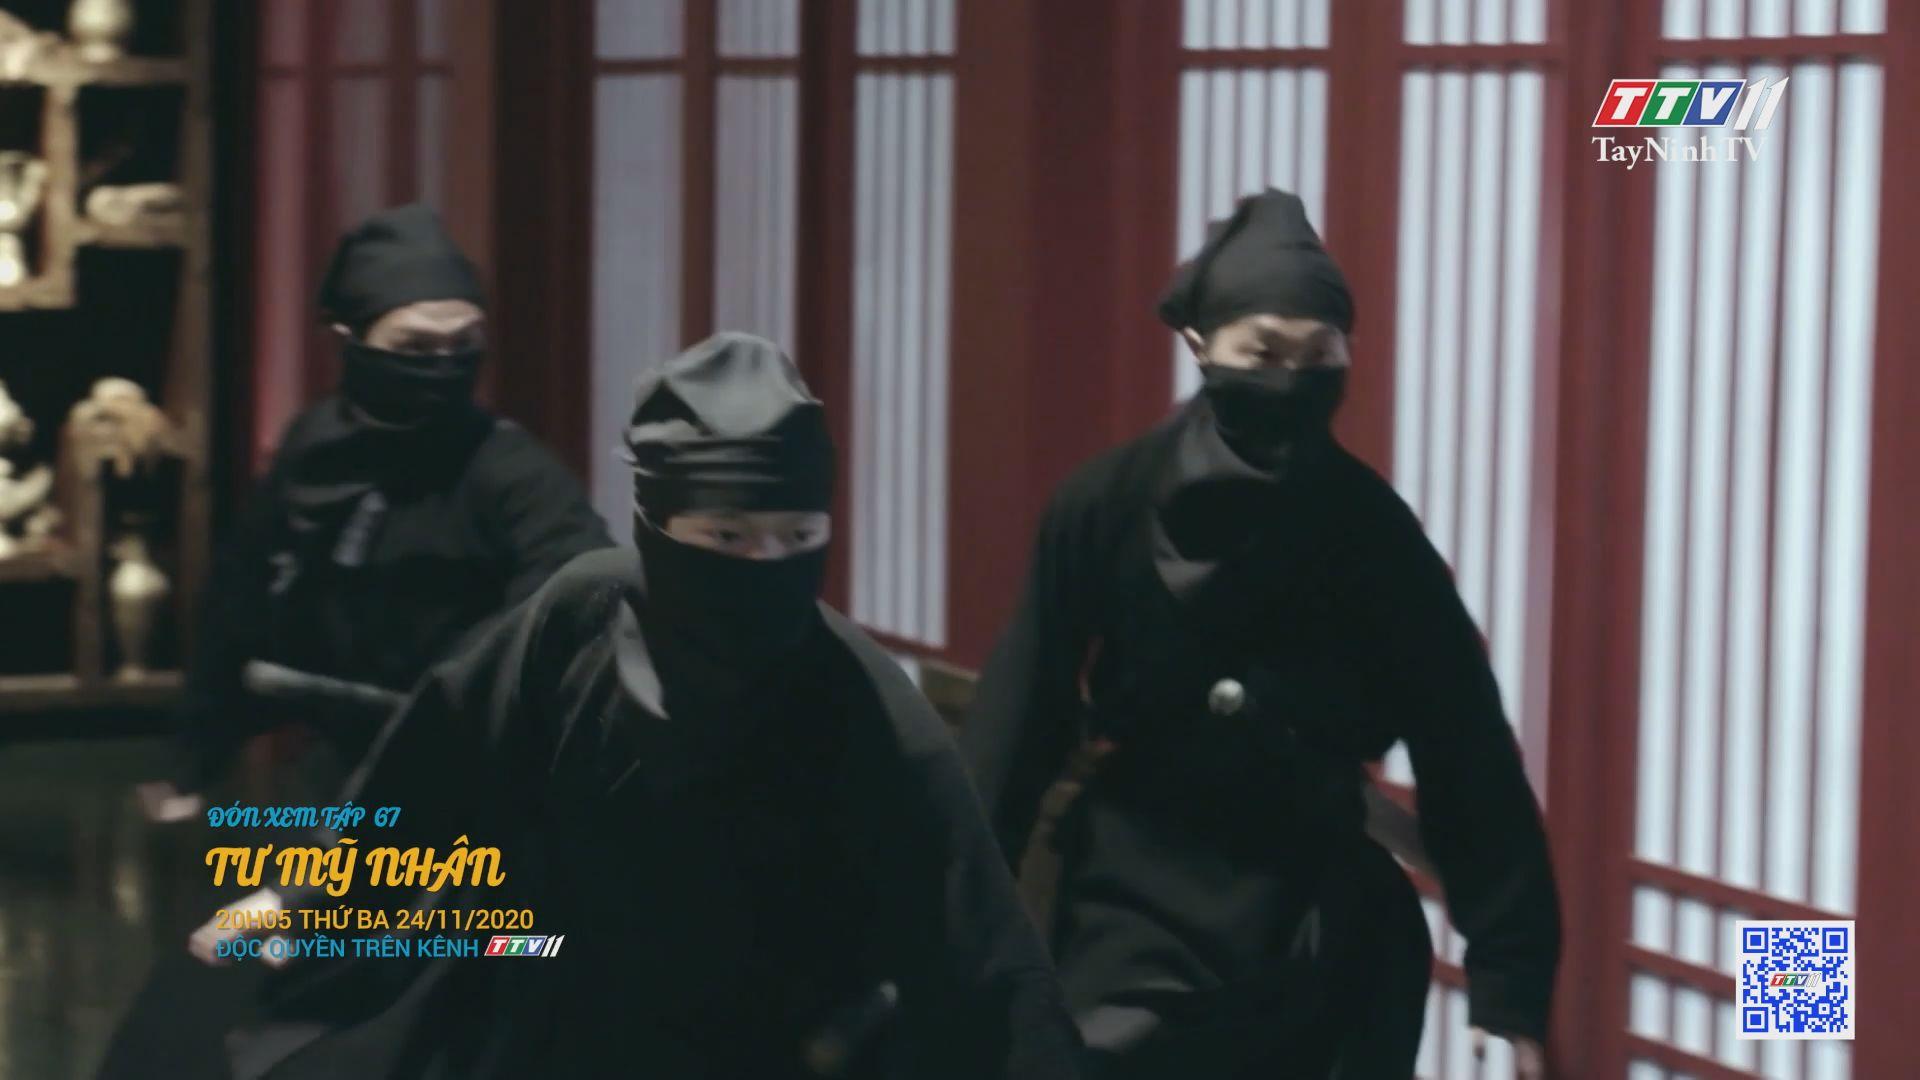 Tư mỹ nhân-TẬP 67 trailer | PHIM TƯ MỸ NHÂN | TayNinhTV